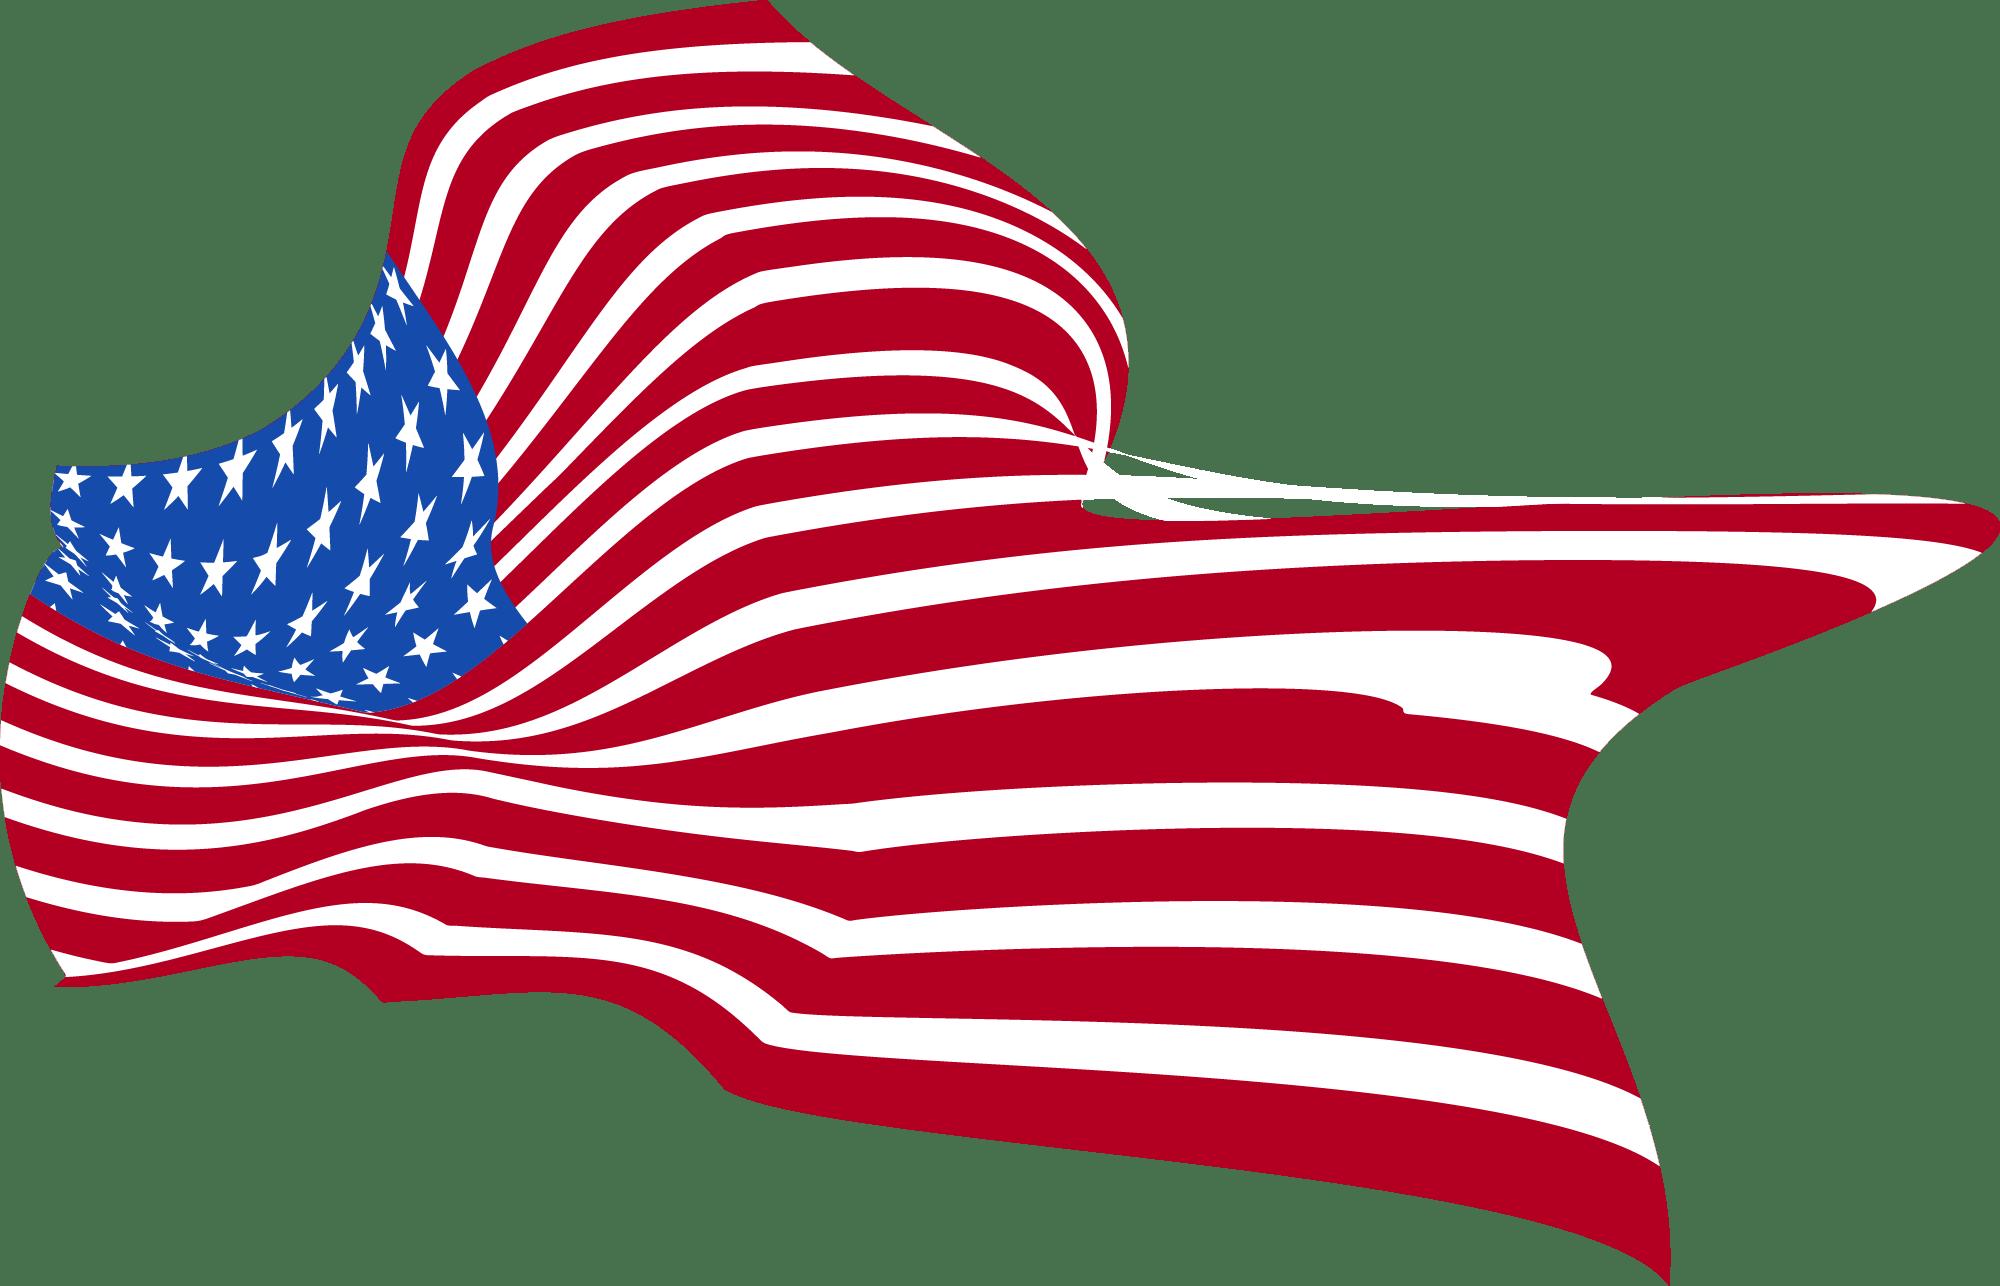 Wavy-Motion-US-FLAG